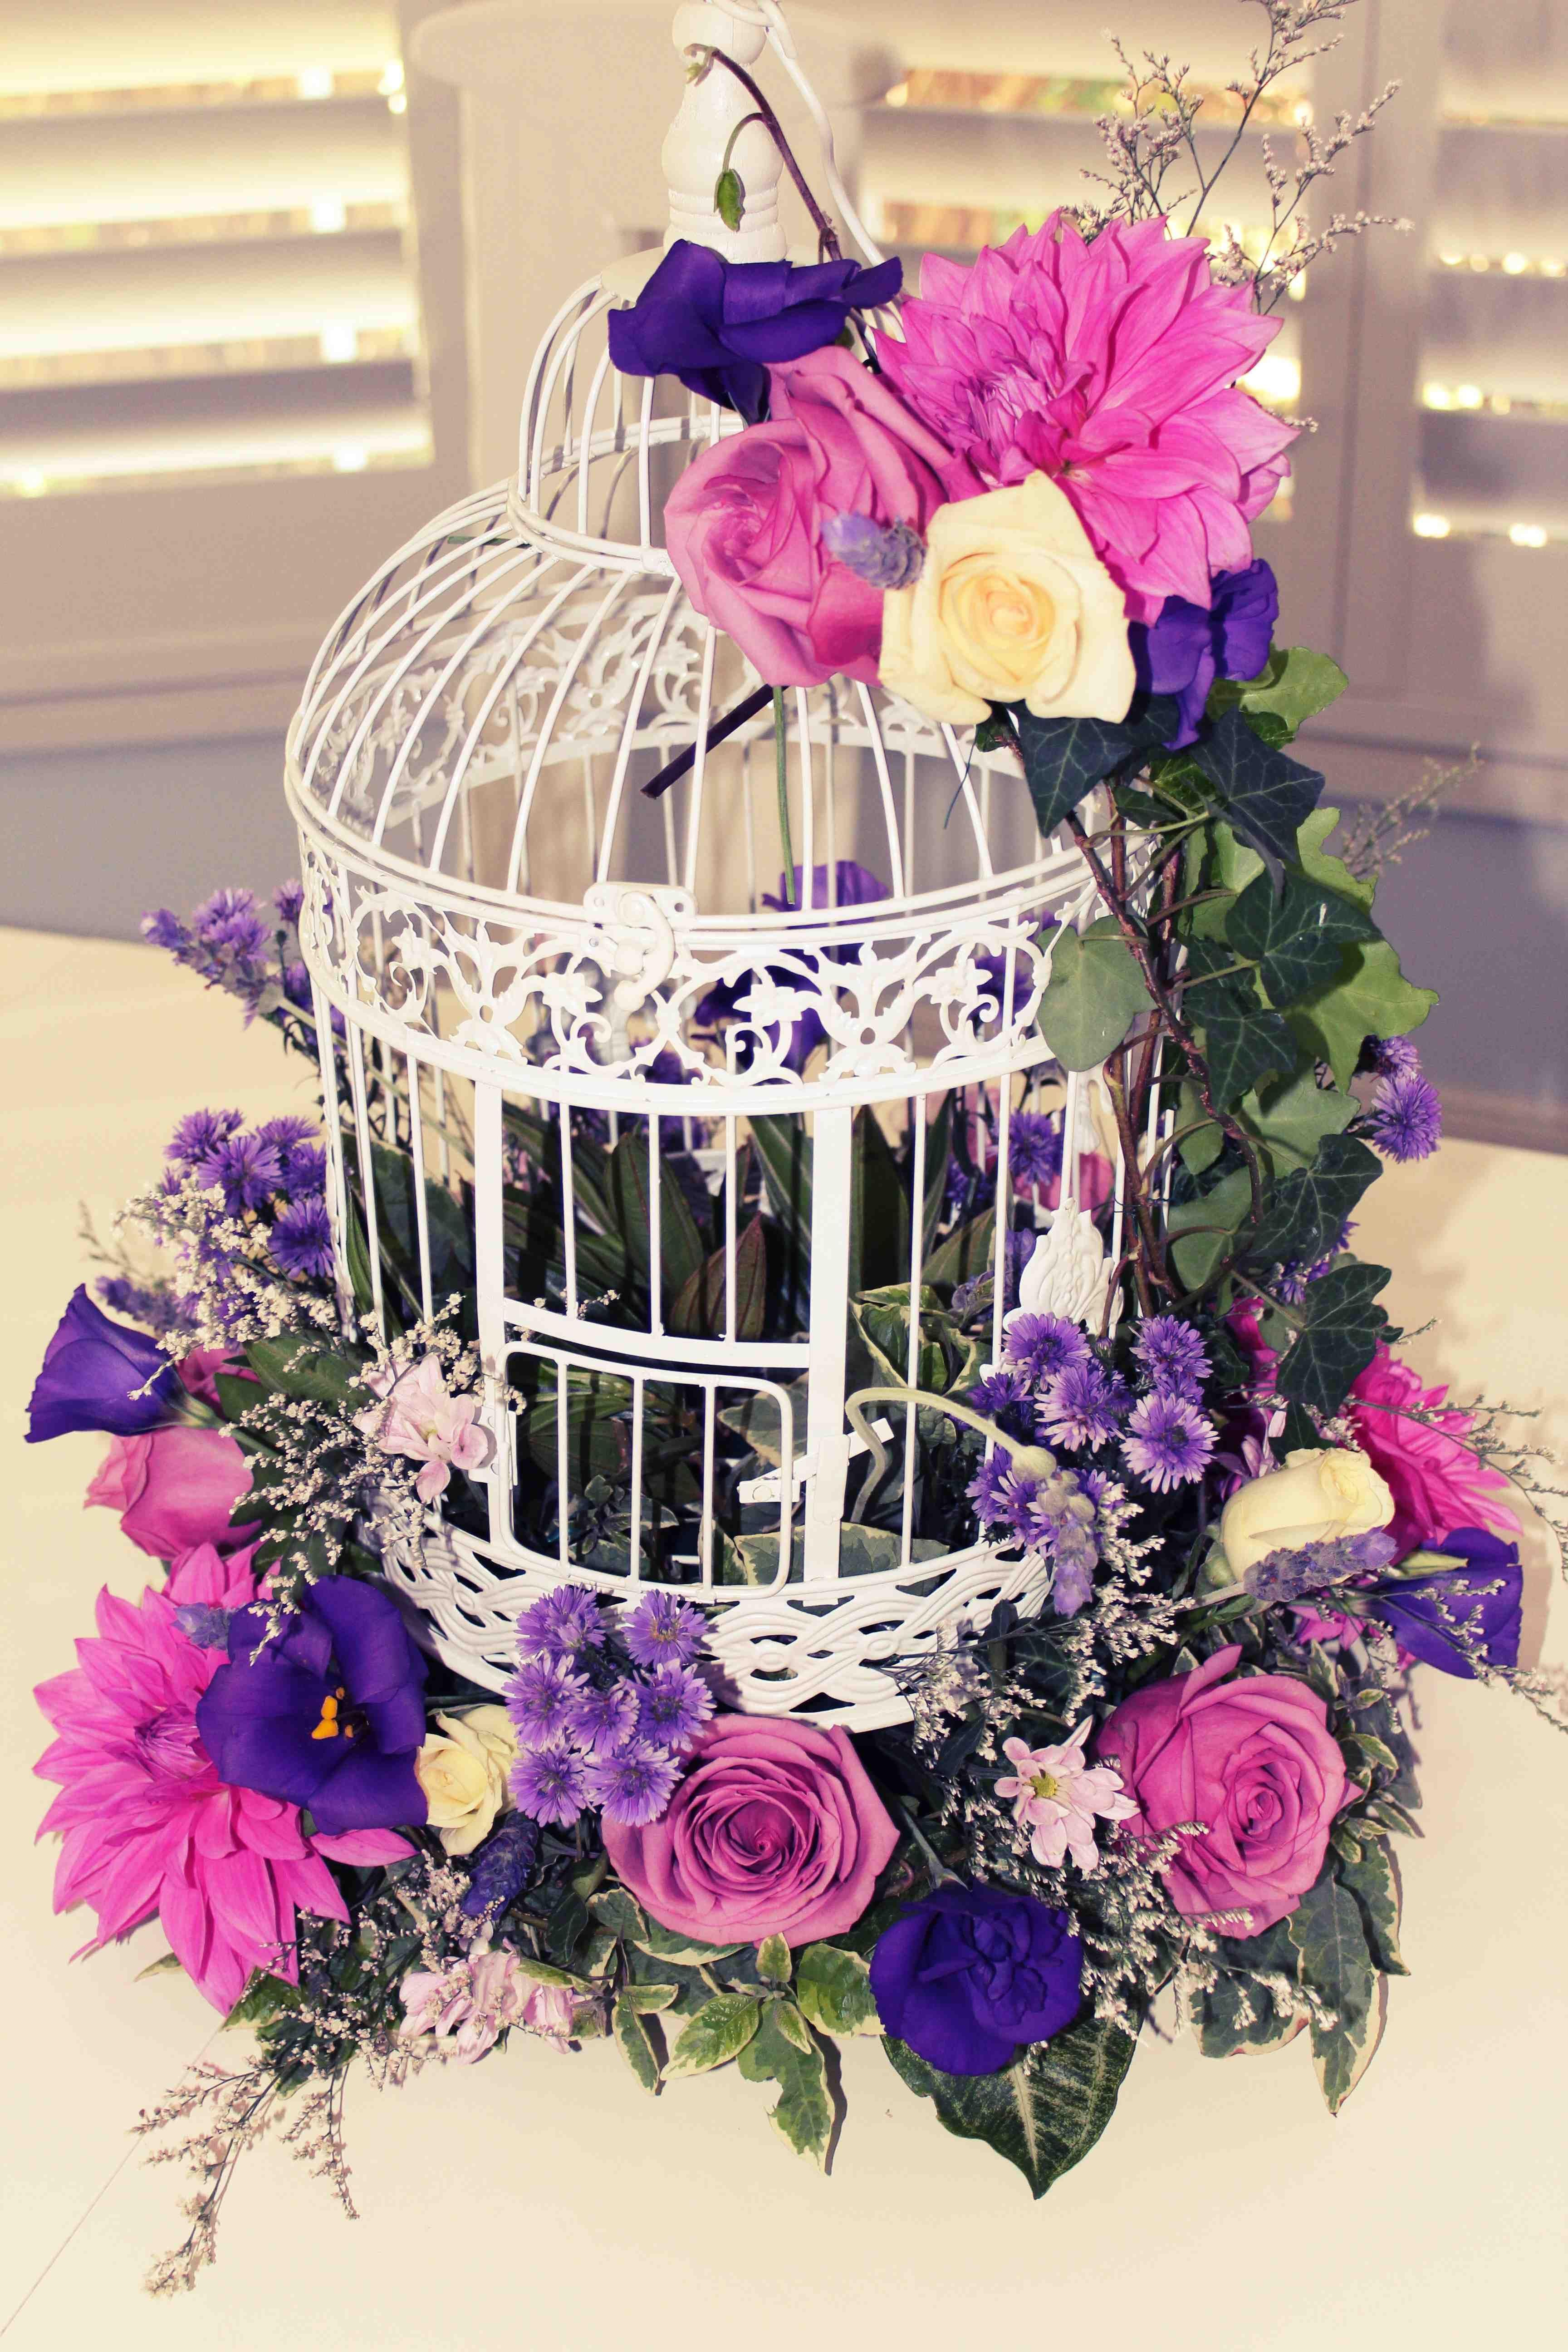 Flowers & Birdcages x avenue